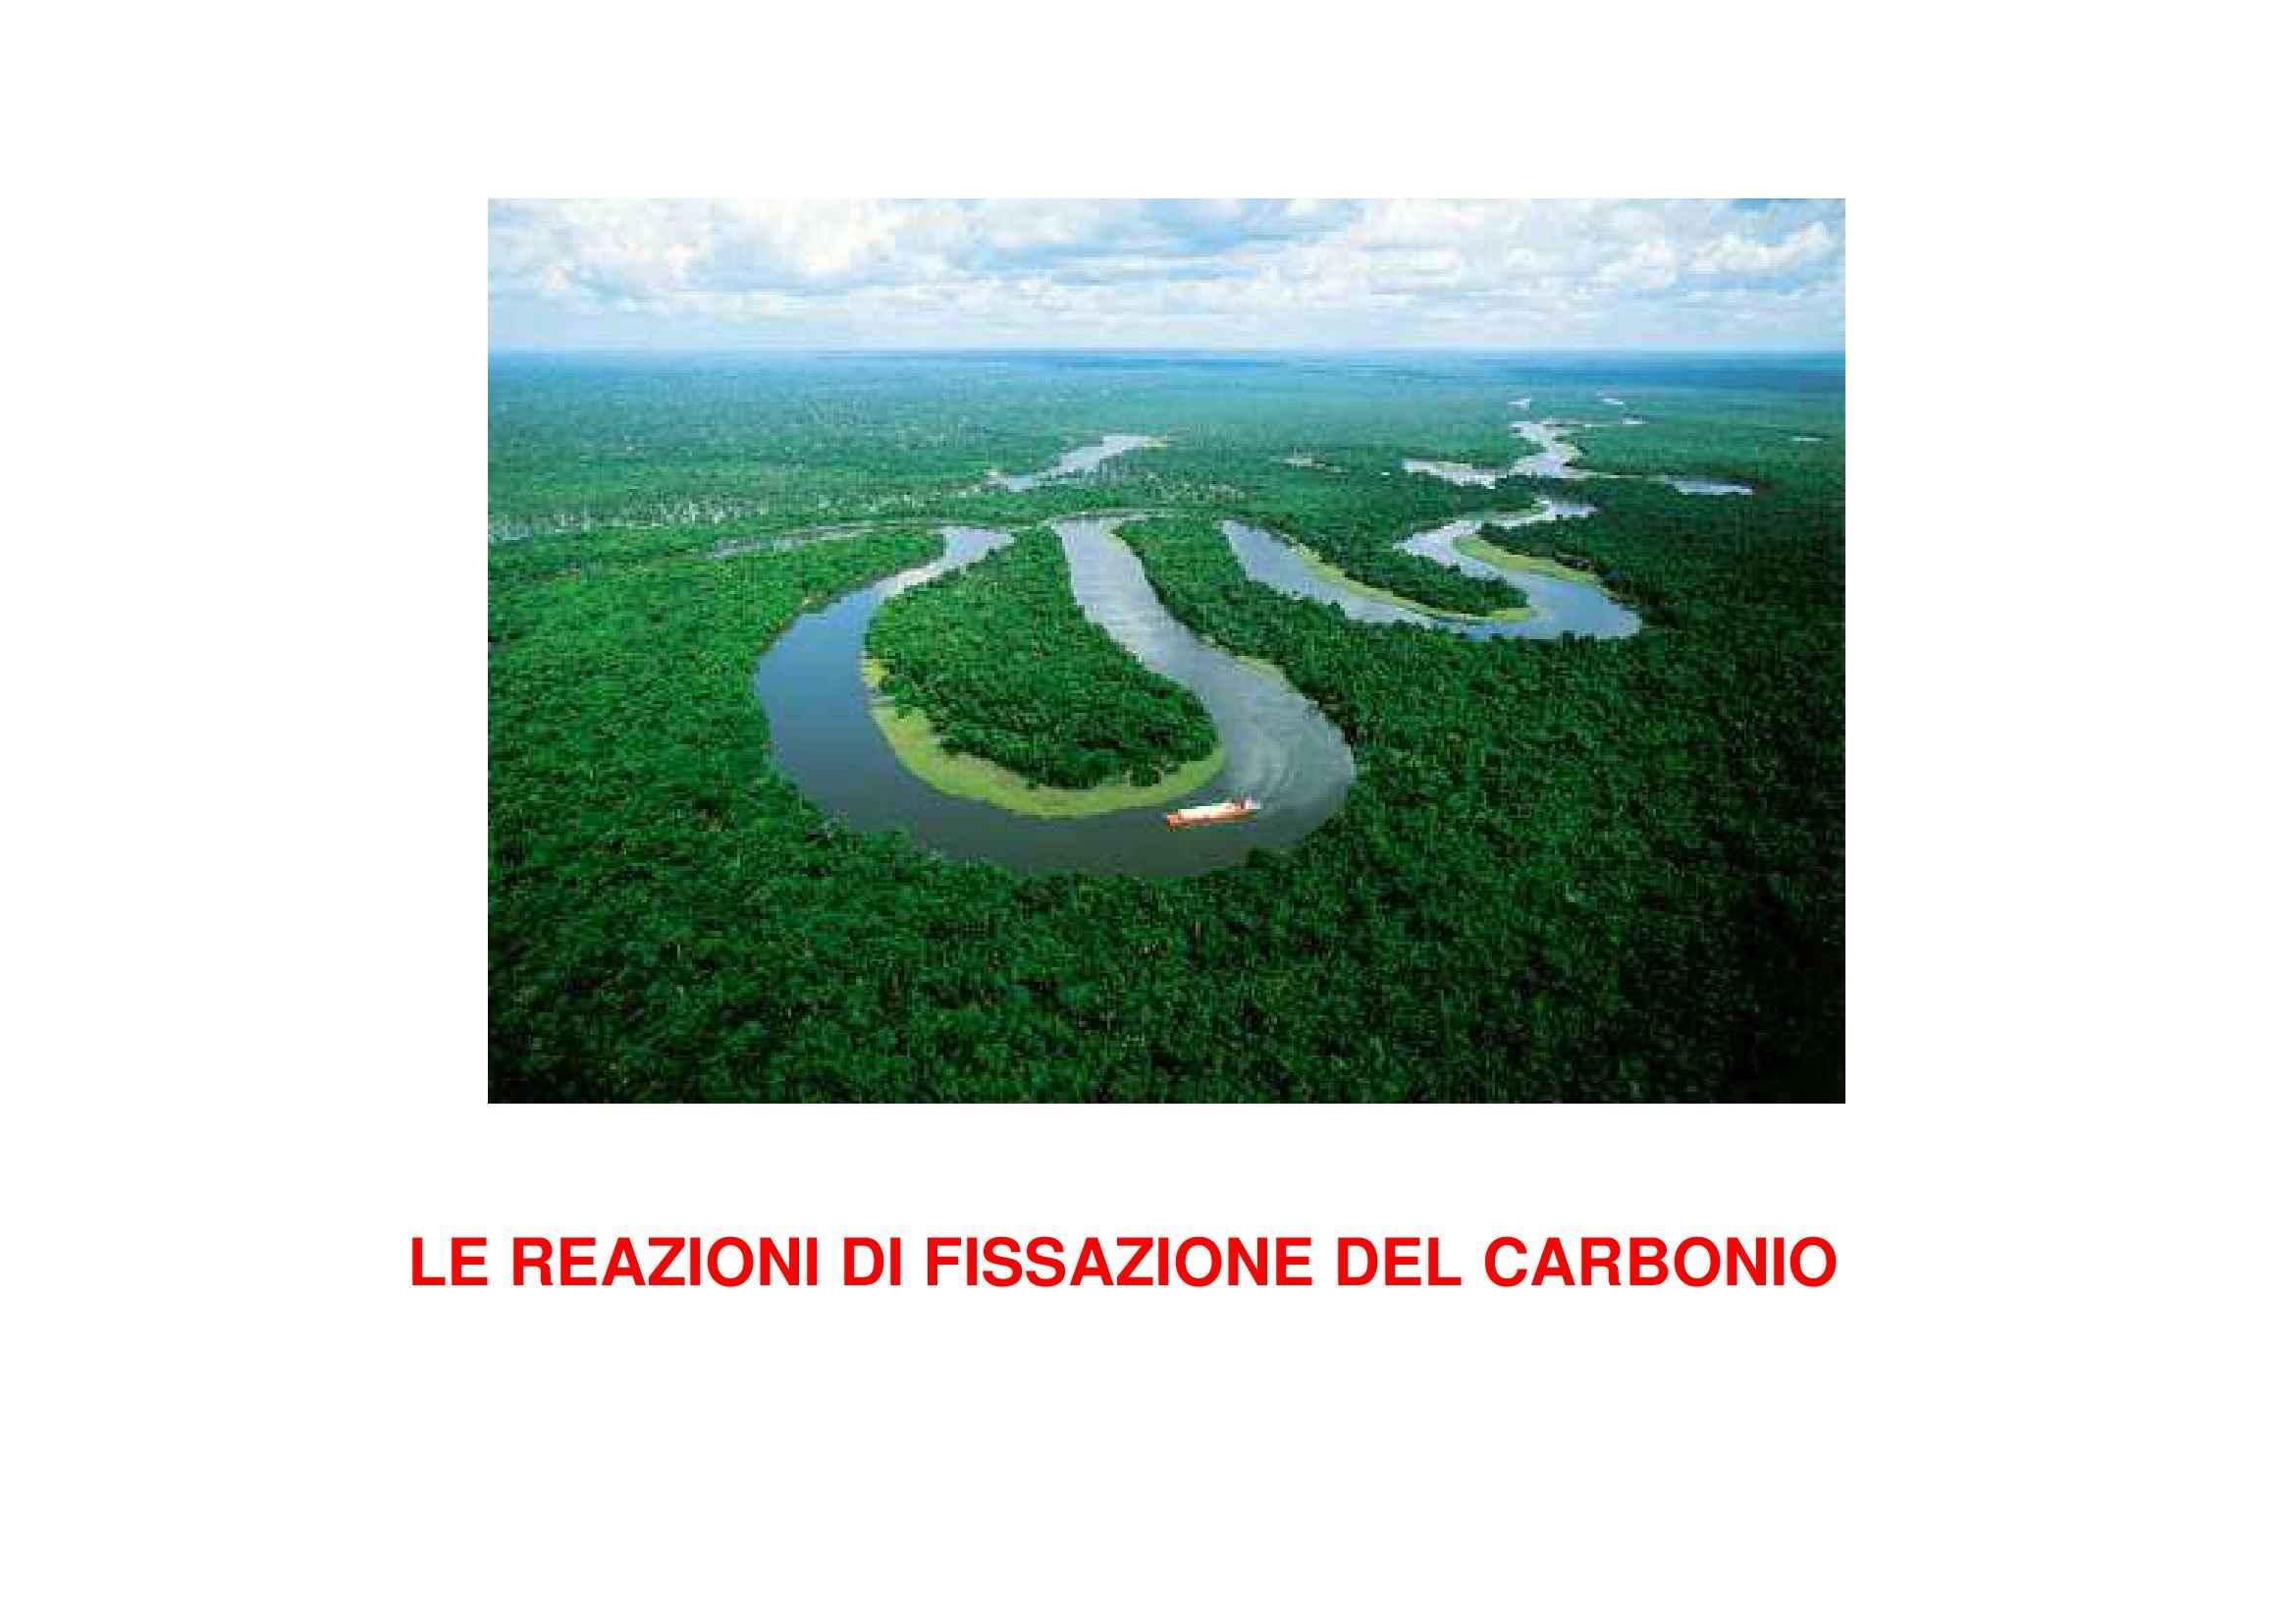 Fissazione del carbonio